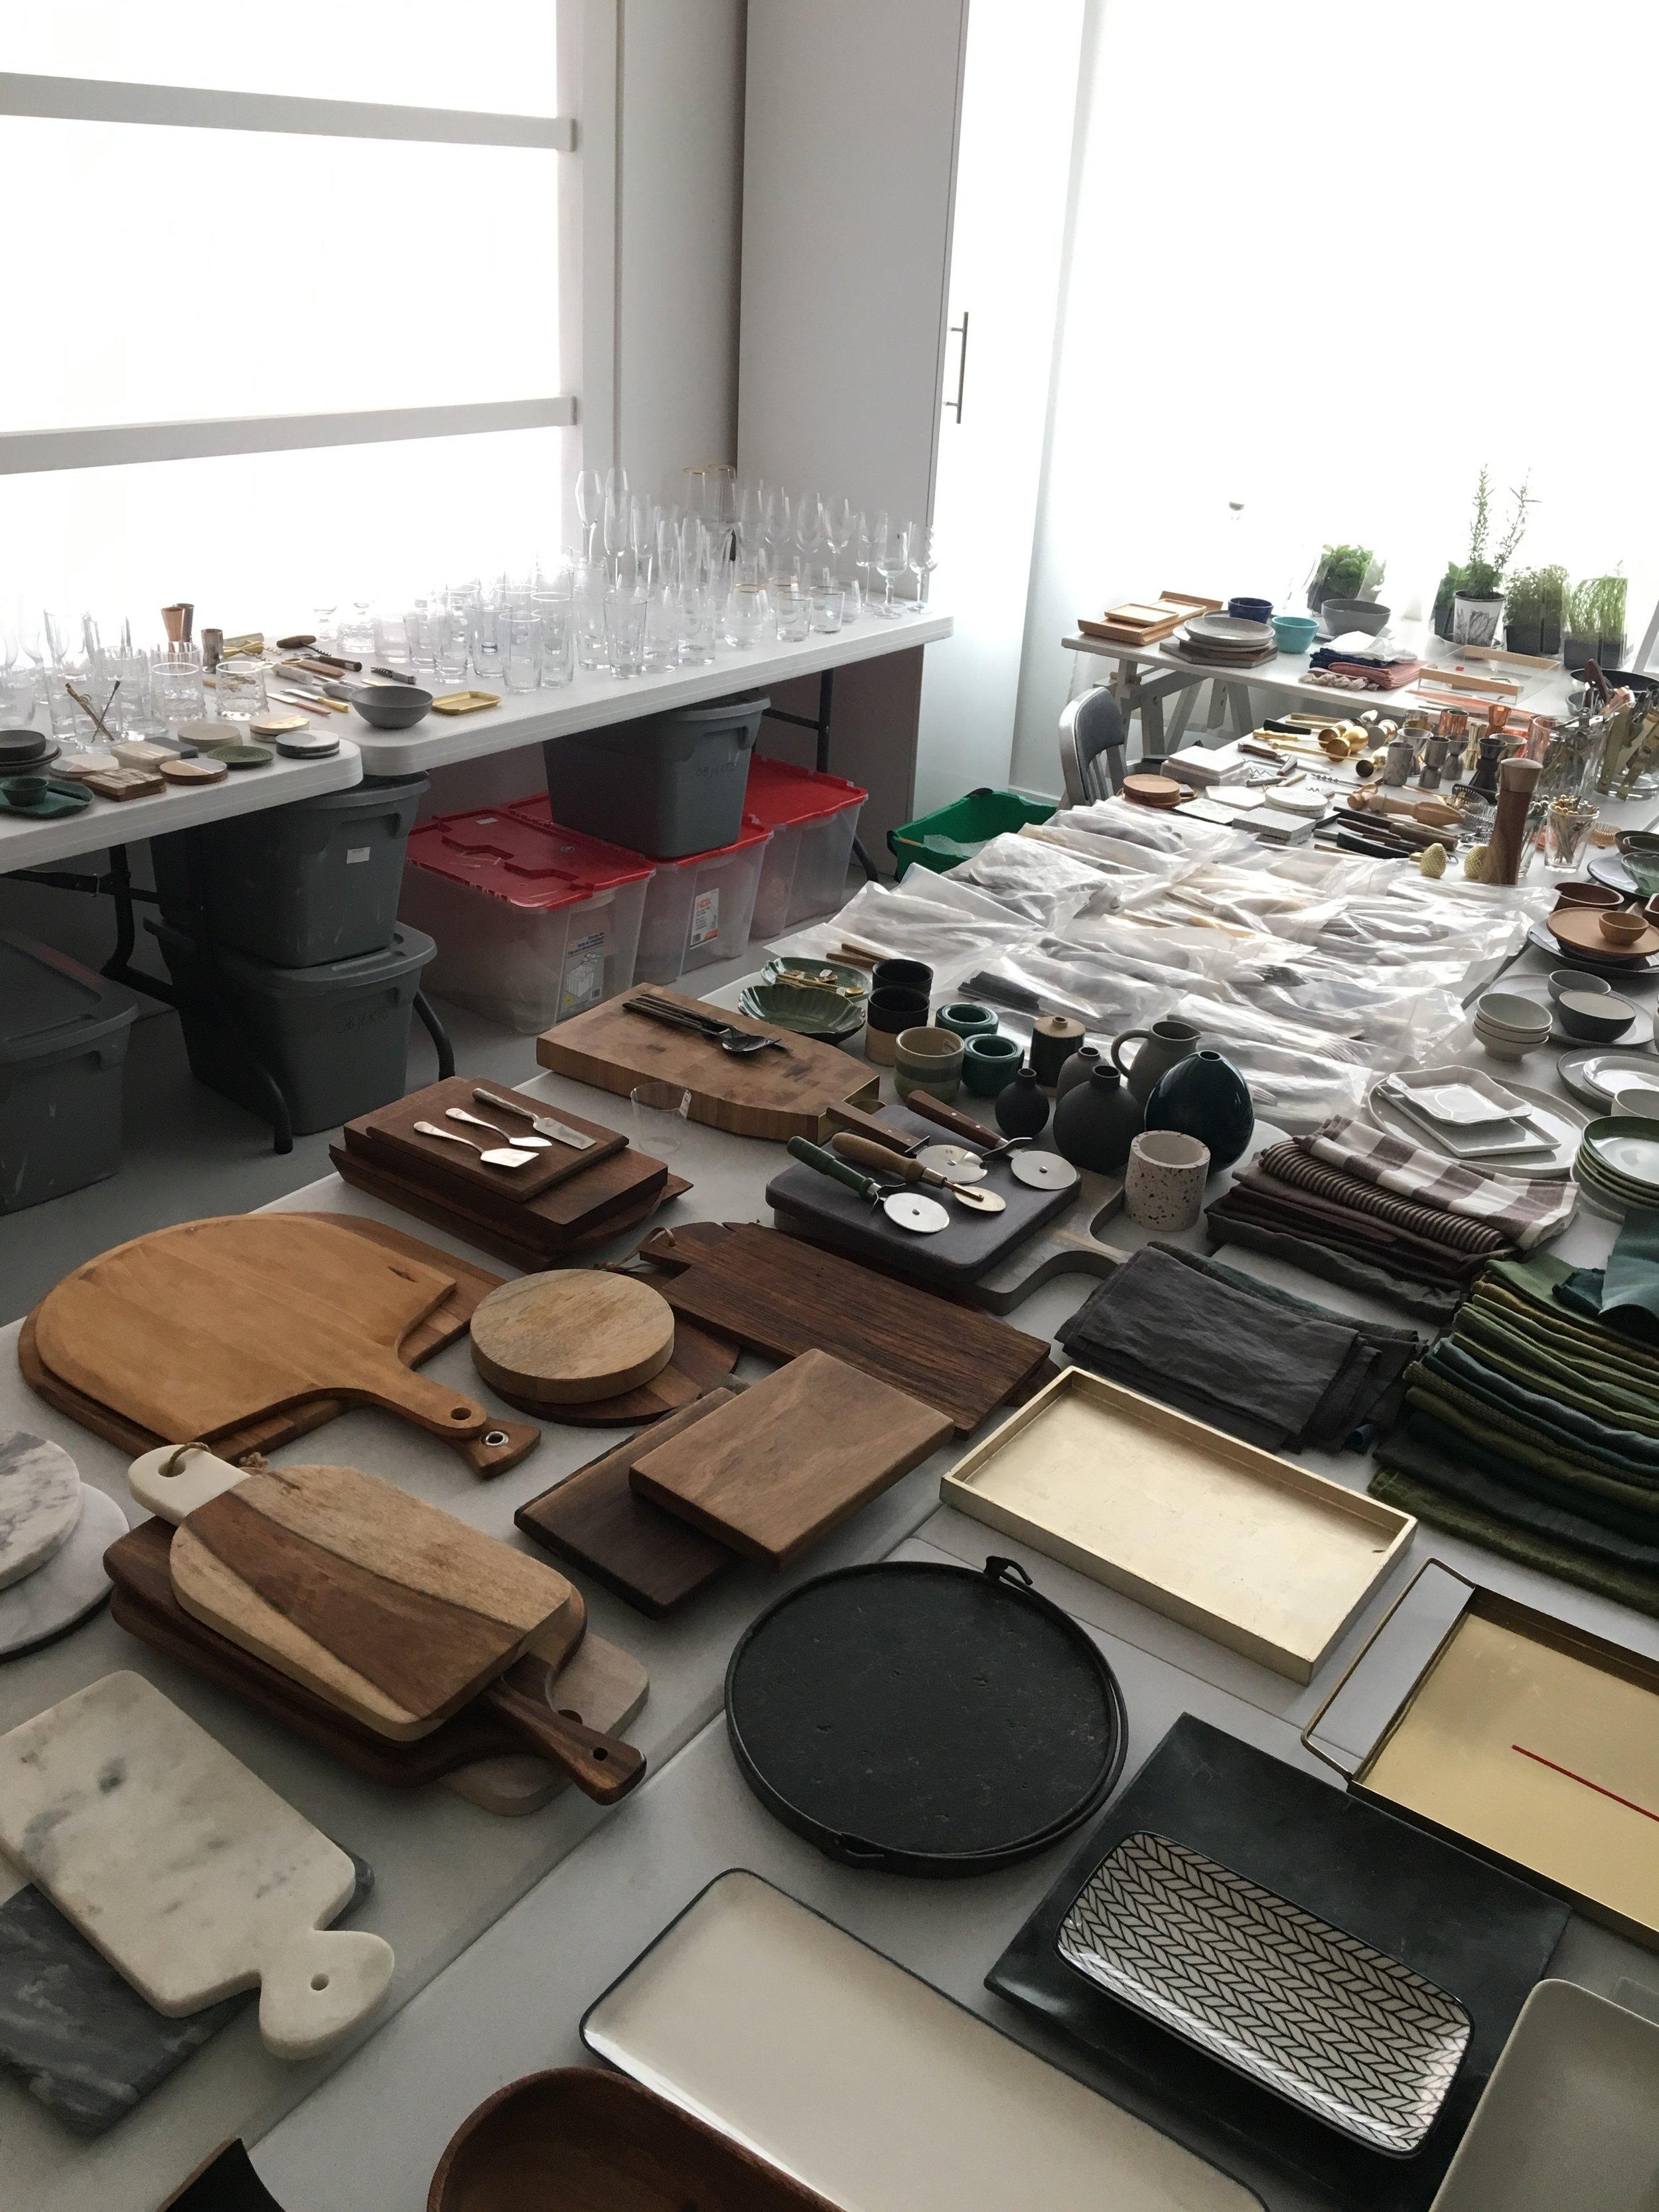 so many props -